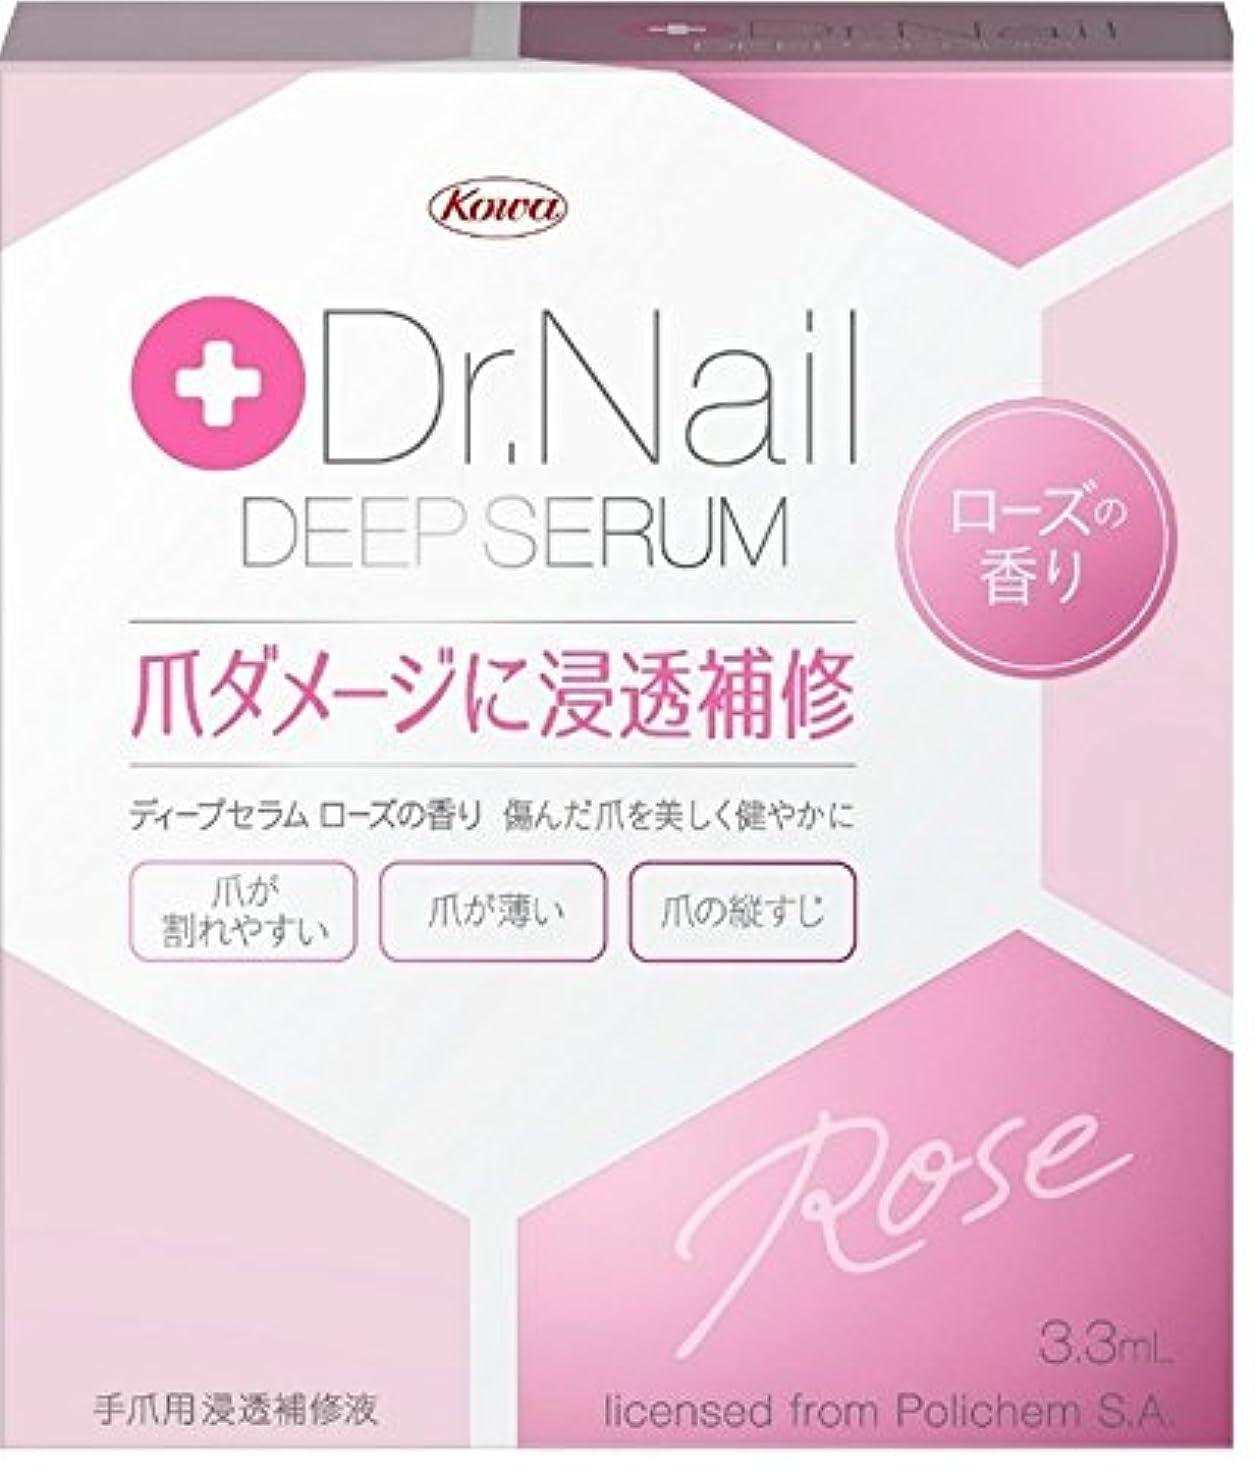 多年生十二扇動する興和(コーワ) Dr.Nail DEEP SERUM ドクターネイル ディープセラム 3.3ml ローズの香り